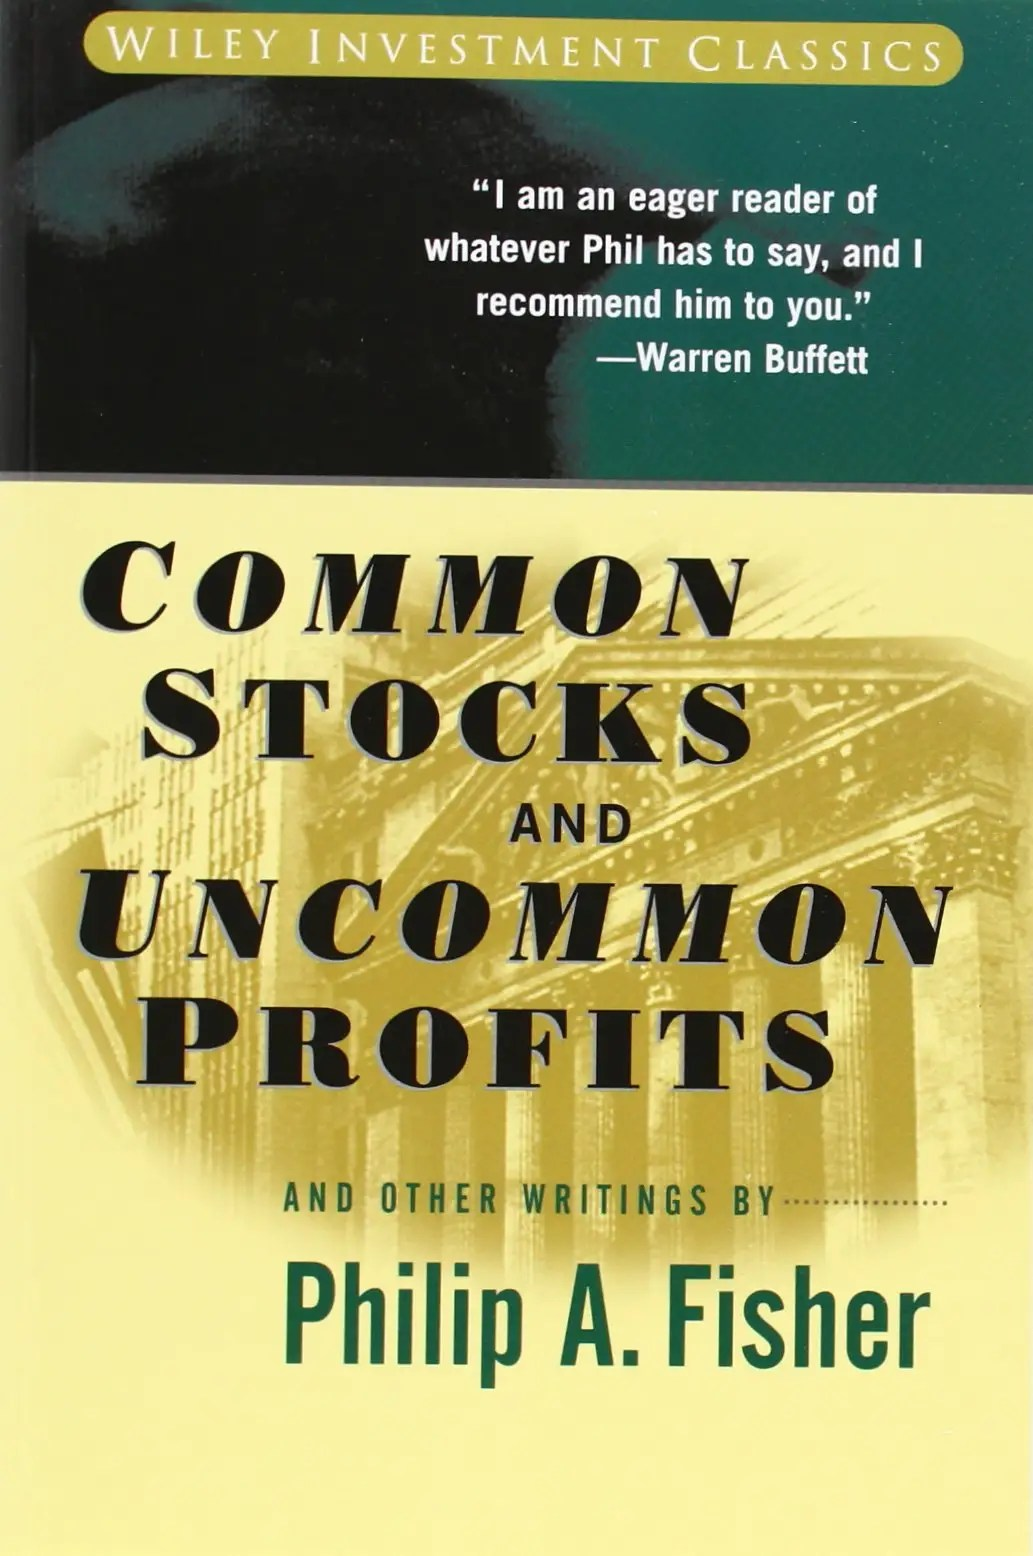 9 books billionaire warren buffett thinks everyone should read rh business financialpost com warren buffett books to read warren buffett investing book